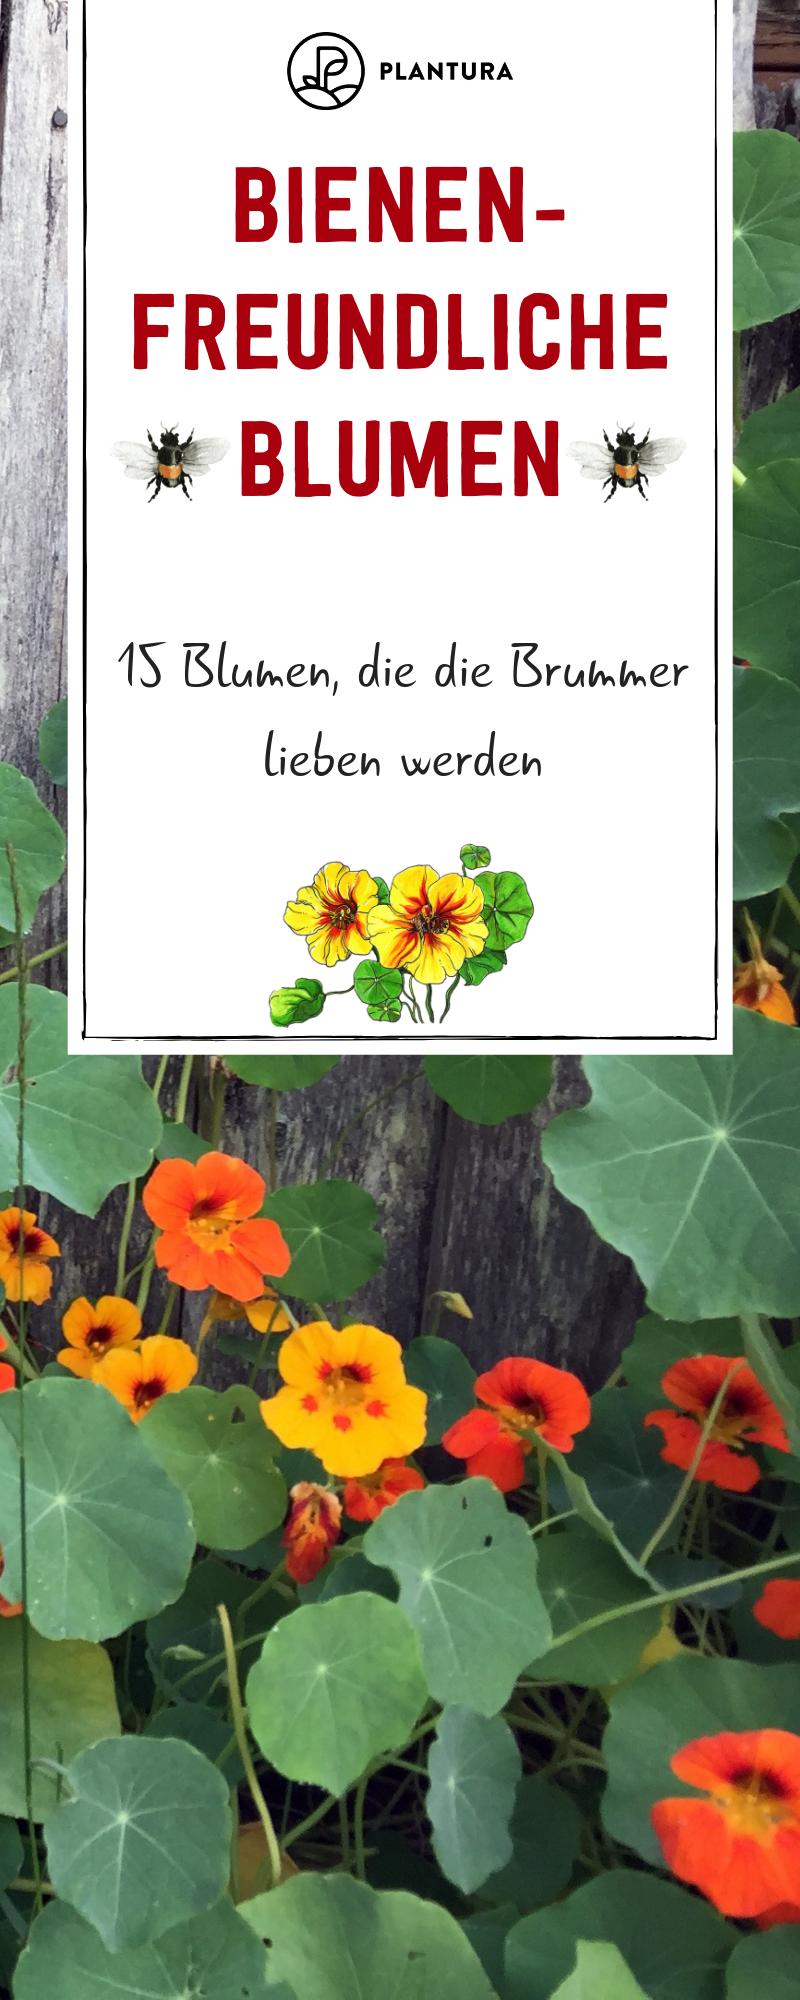 Bienenfreundliche Blumen: 15 Blumen, die die Brummer lieben werden - Plantura